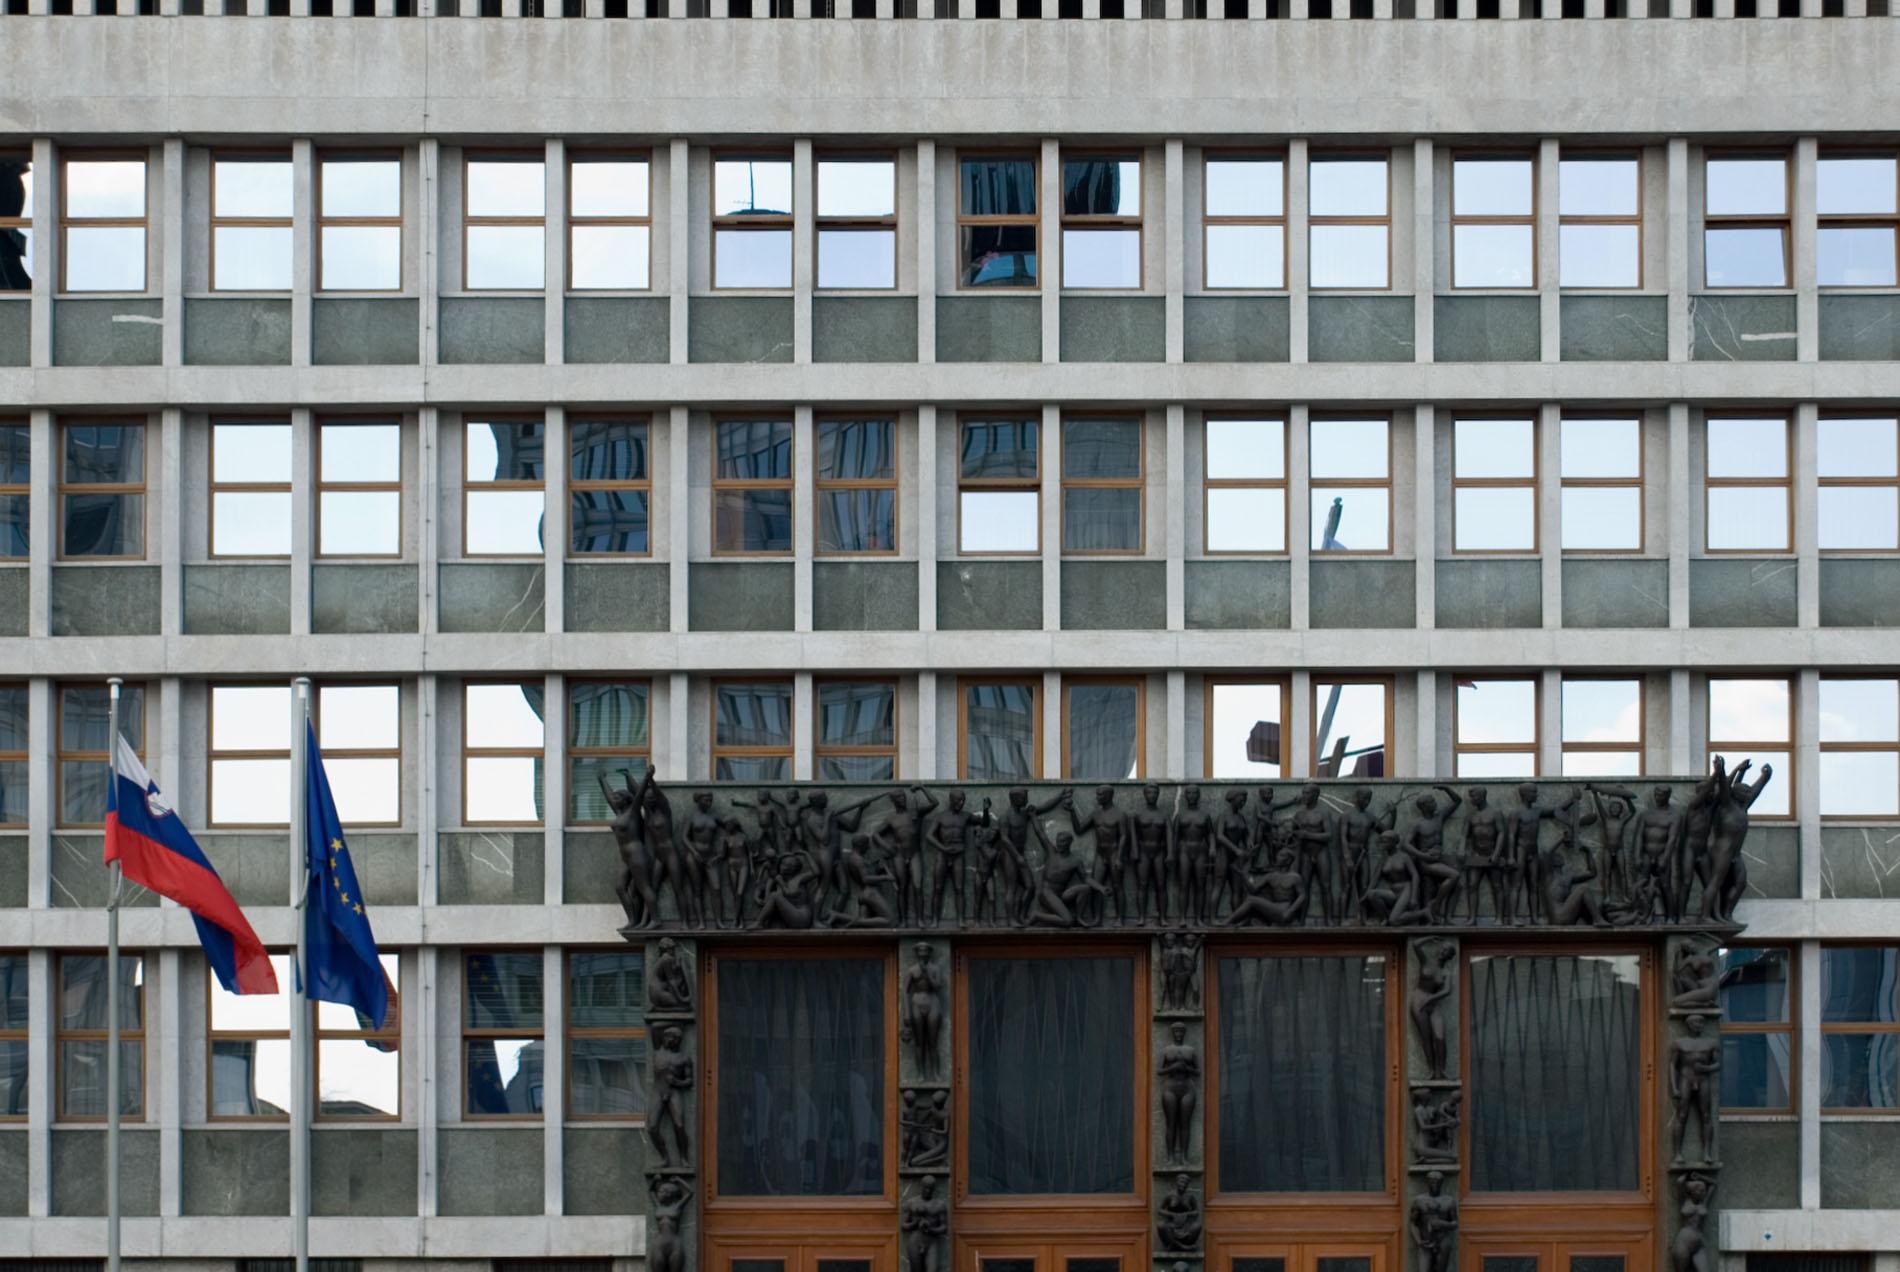 Platz der Republik.  Auch das Parlament der Republik Slowenien steht an diesem zentralen Platz. Entworfen wurde es 1954-1959 von Vinko Glanz, einem weiteren Schüler Plečniks. Besonders auffällig ist das schwere Eingangsportal des Gebäudes.